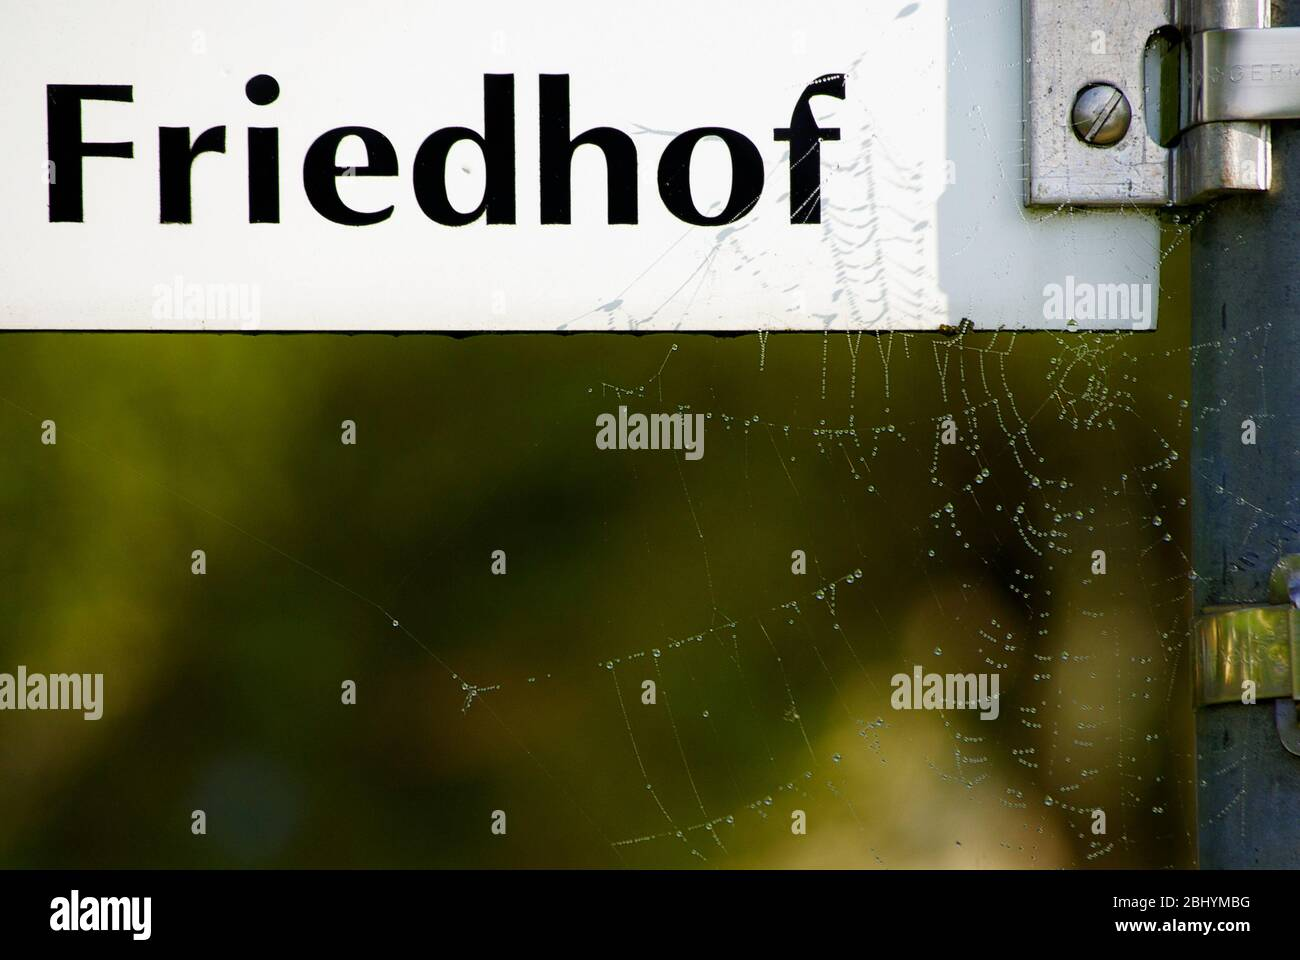 Ein mit Spinnweben beschriebter Wegweiser, der auf einen Friedhof in deutscher Sprache verweist. Stockfoto